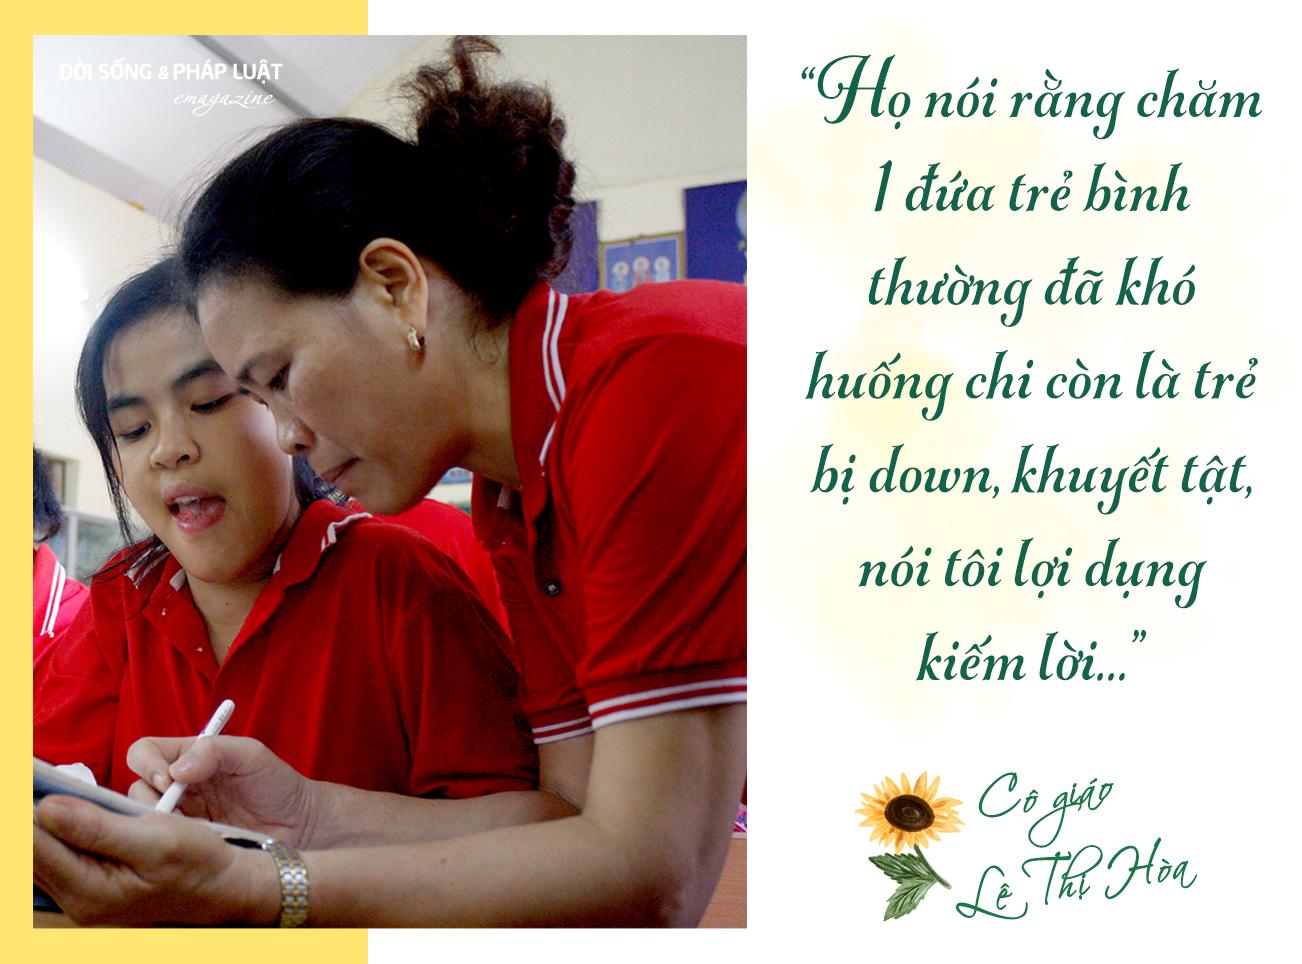 """[E] Cô giáo mang bệnh ung thư và hành trình giúp những mảnh đời """"khiếm khuyết"""" trở nên vẹn tròn - Ảnh 10"""